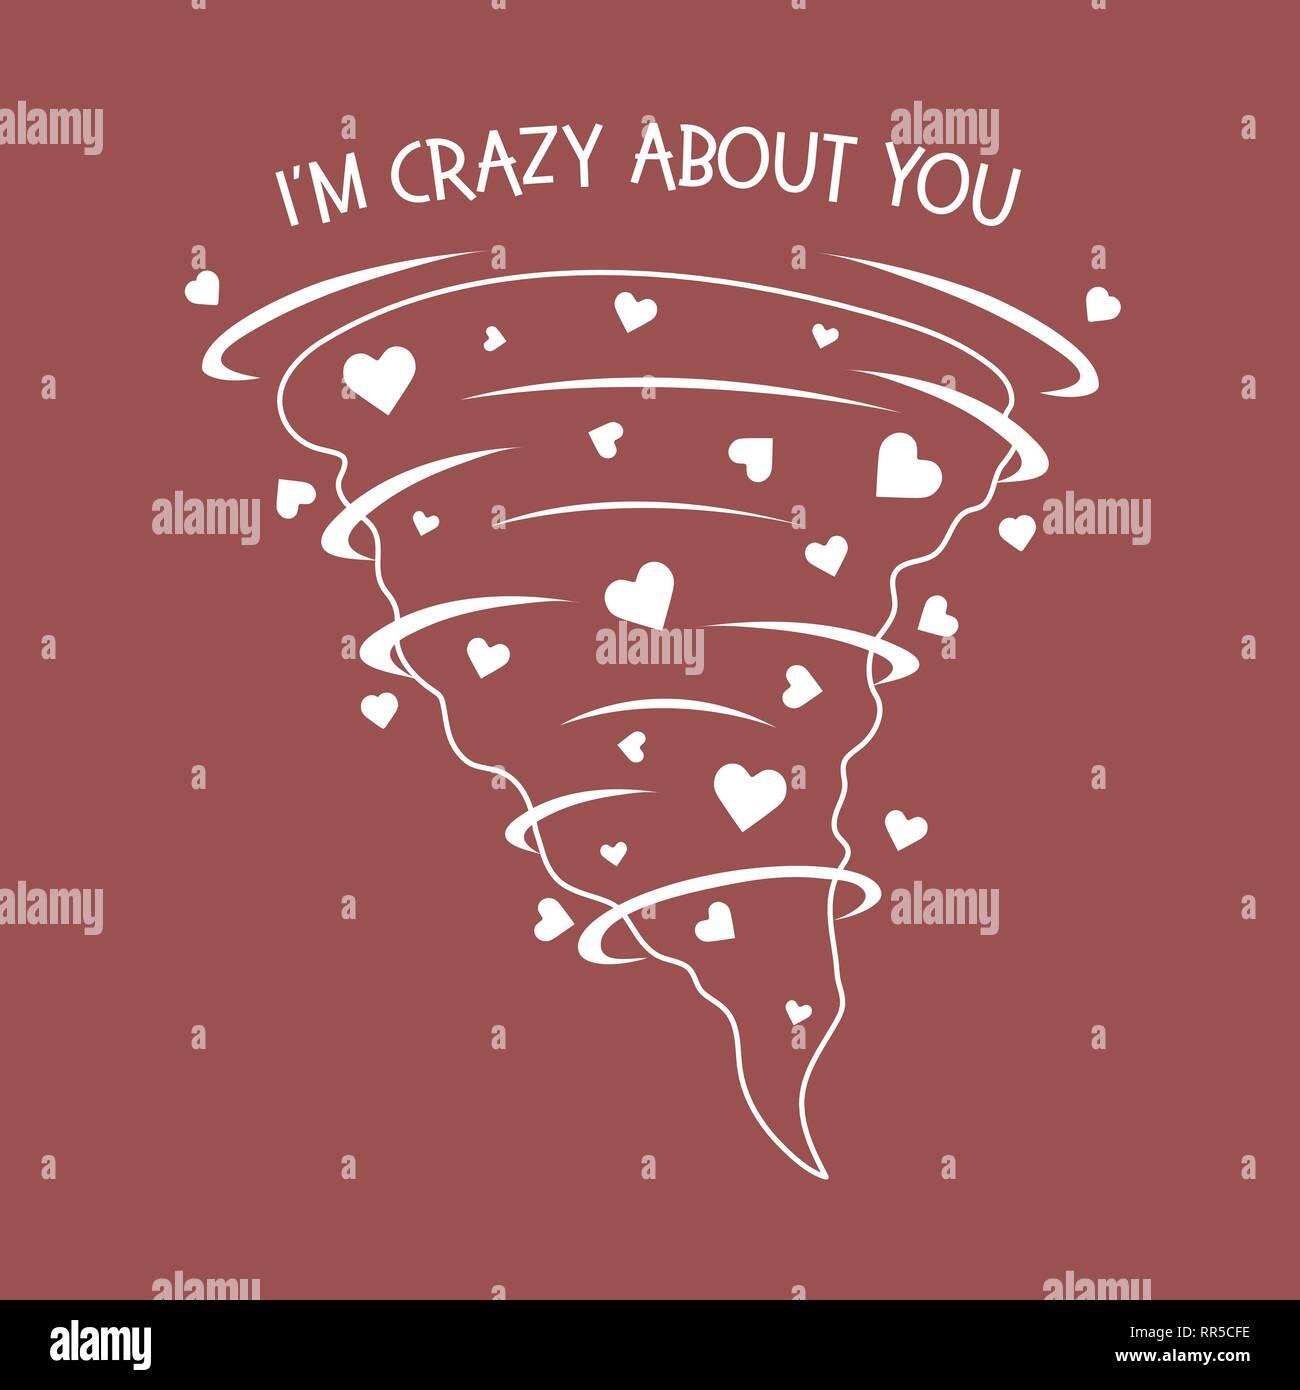 bin verrückt nach dir